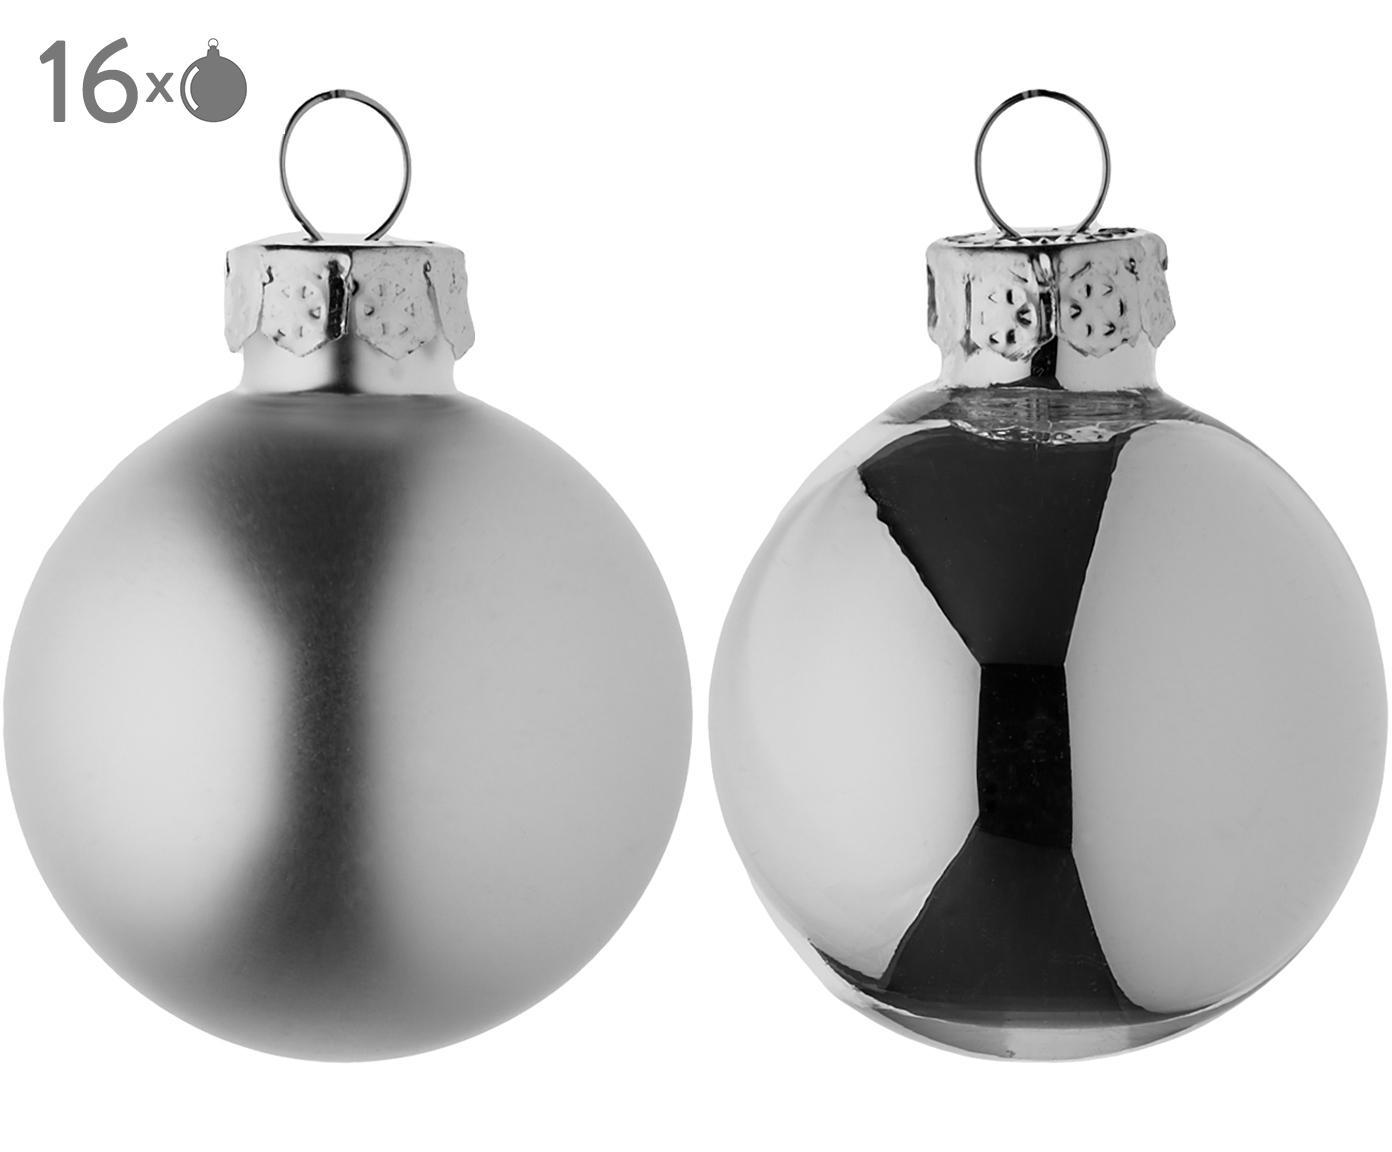 Mini-kerstballenset Evergreen, 16-delig, Zilverkleurig, Ø 4 cm